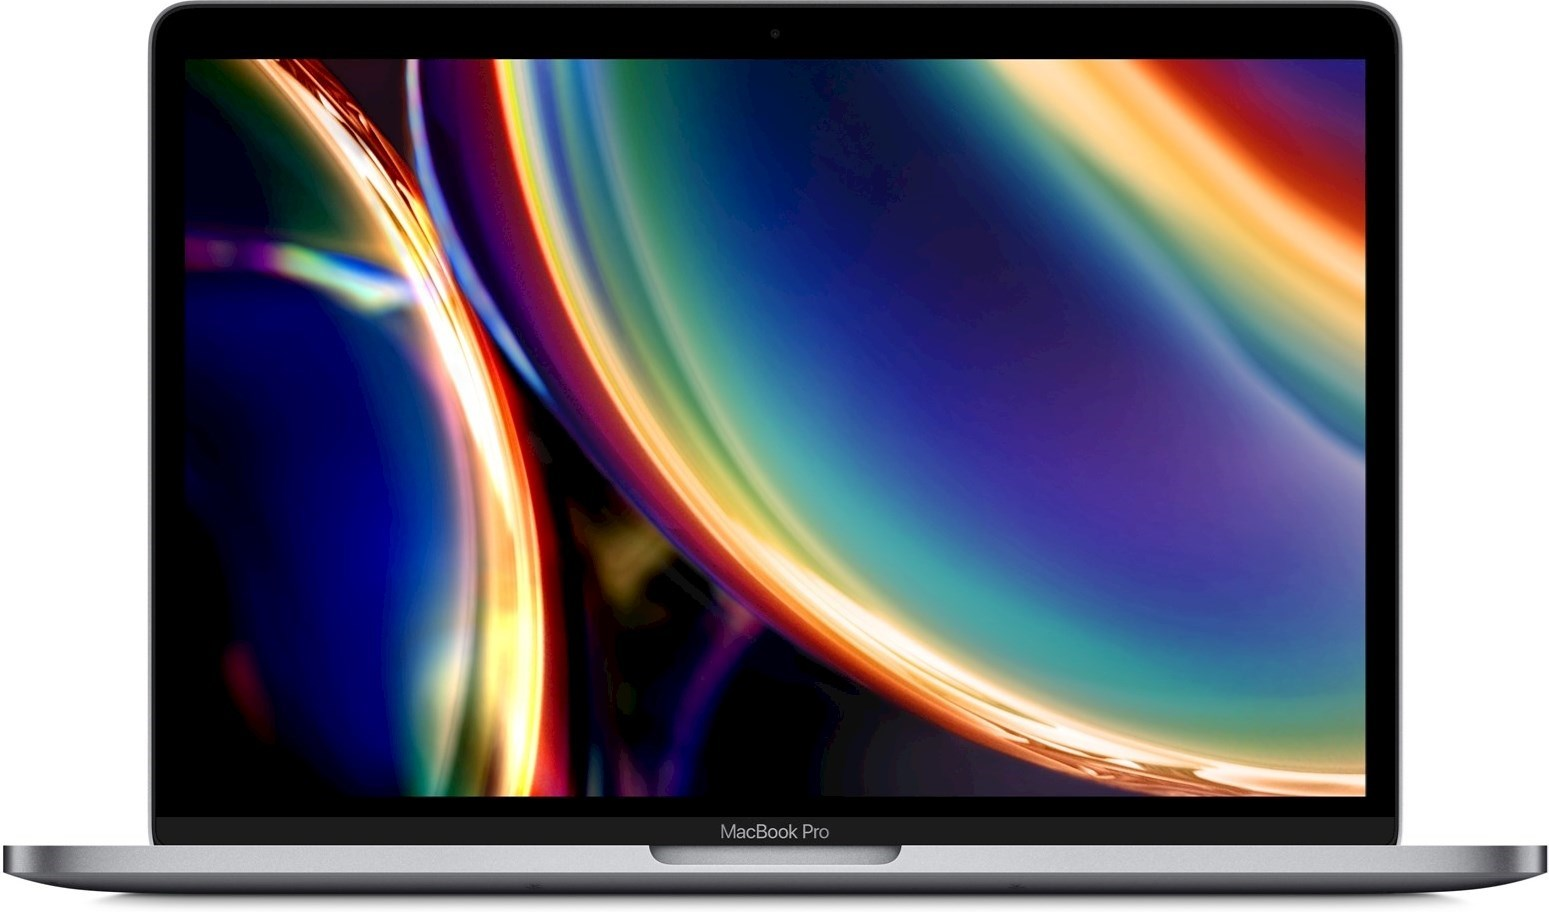 MacBook pro | FINN.no